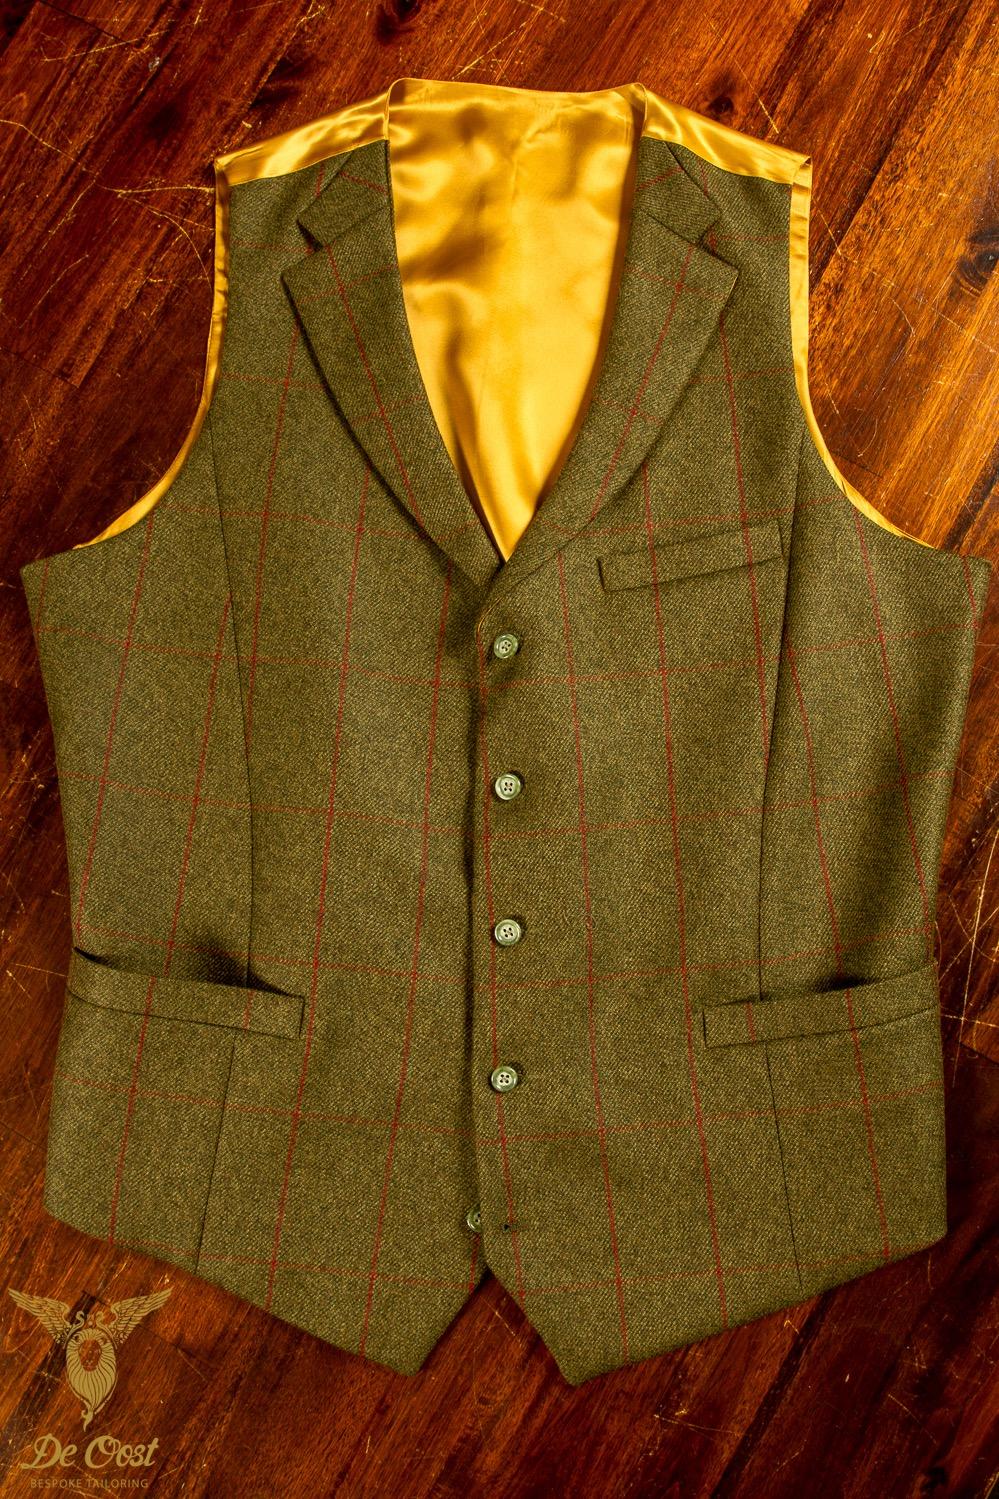 - Handgemaakt vest in Tweed Fern Twill en Rode Ruit met hoorn knopen en goud gele lining